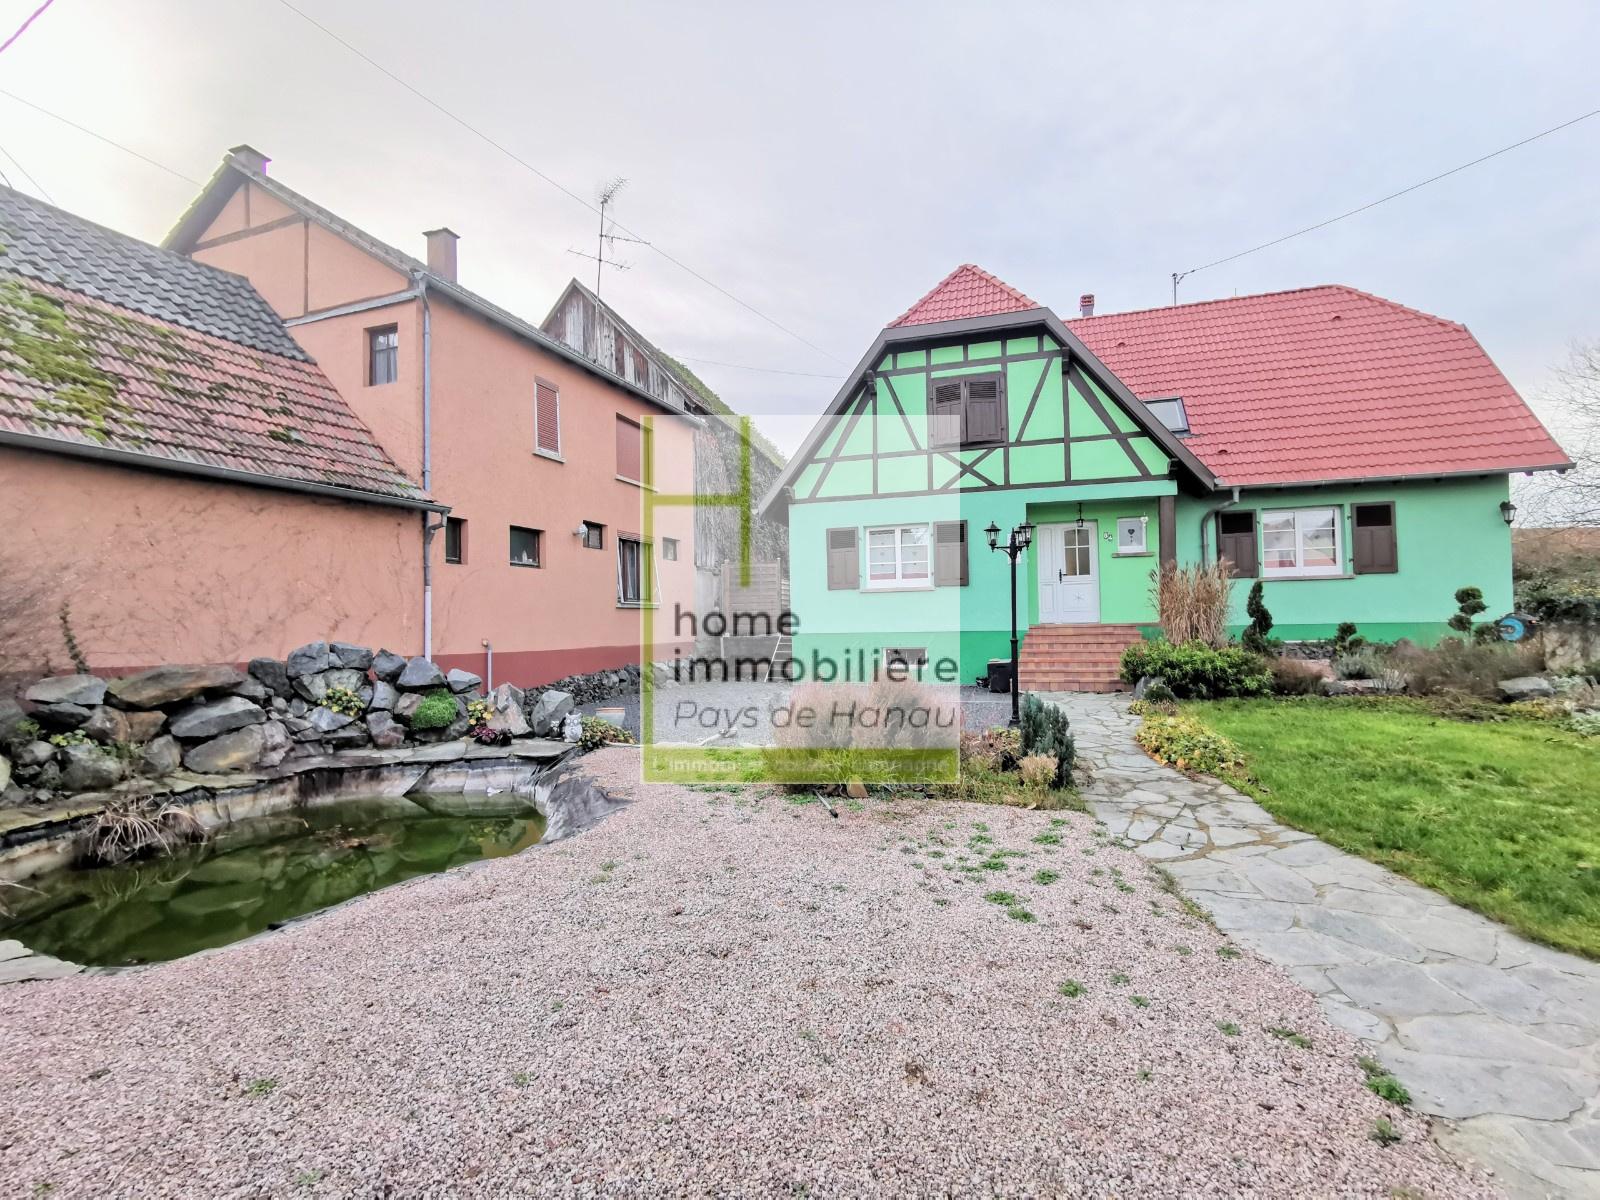 Rénover Une Maison Alsacienne location secteur obernai - maison alsacienne de 6 pièces